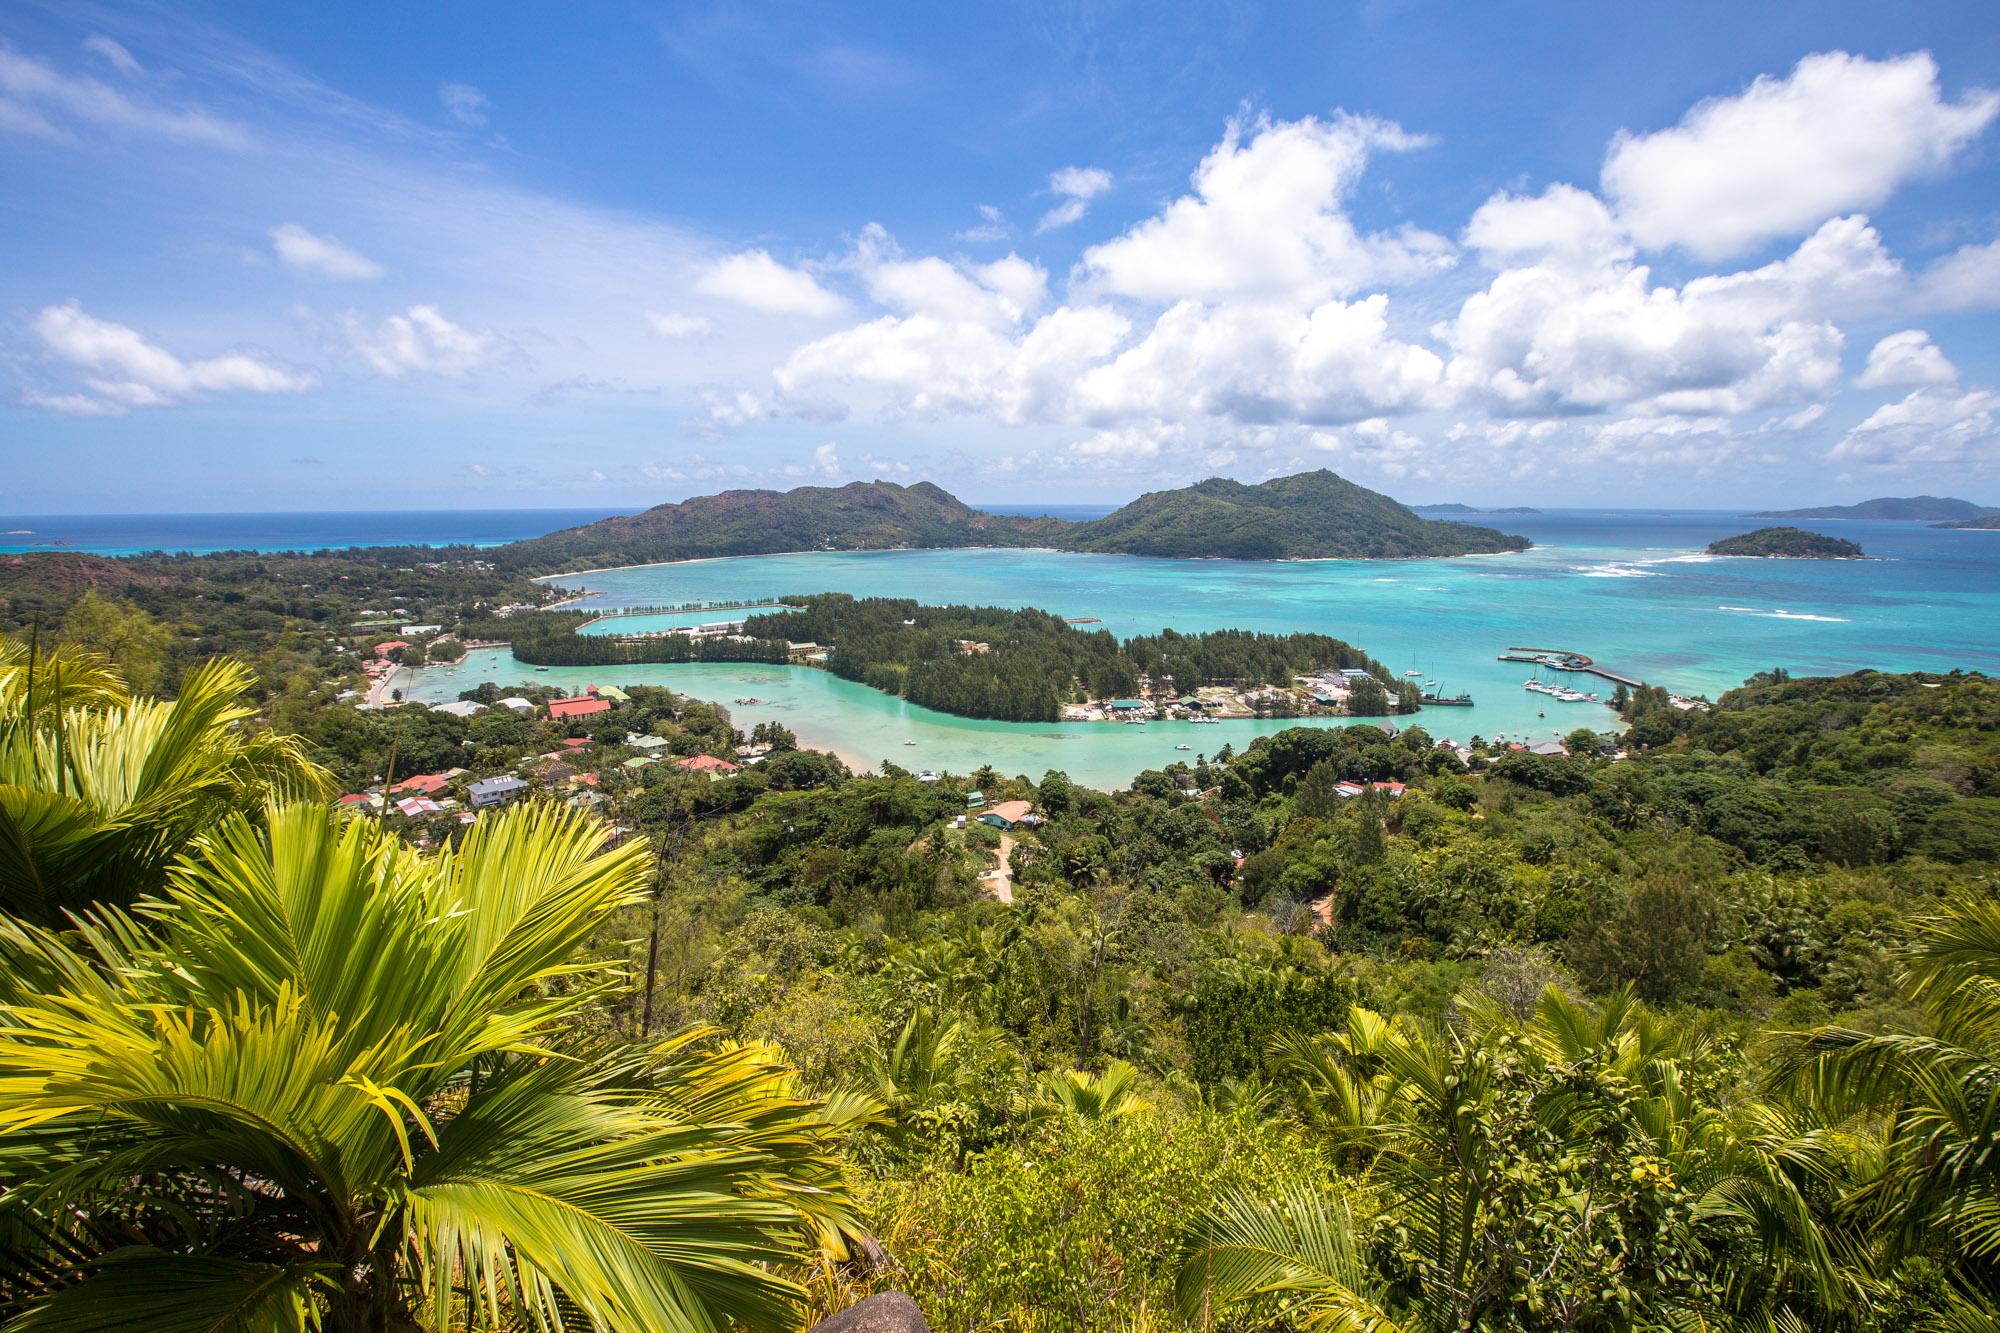 Fond Ferdinand Praslin Seychellen